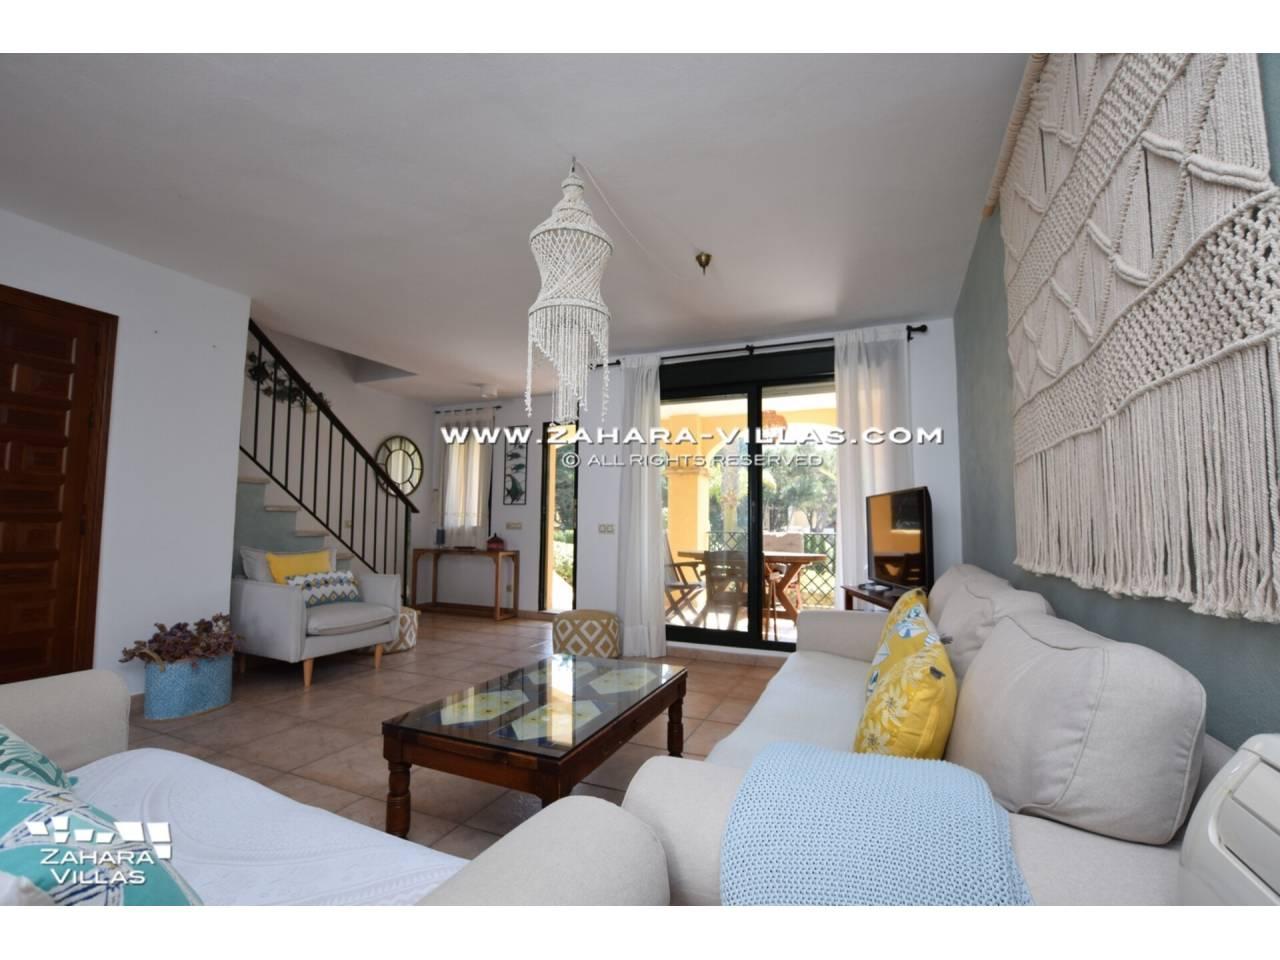 Imagen 7 de Casa Adosada con vistas al mar en venta en Urb. Jardines de Zahara